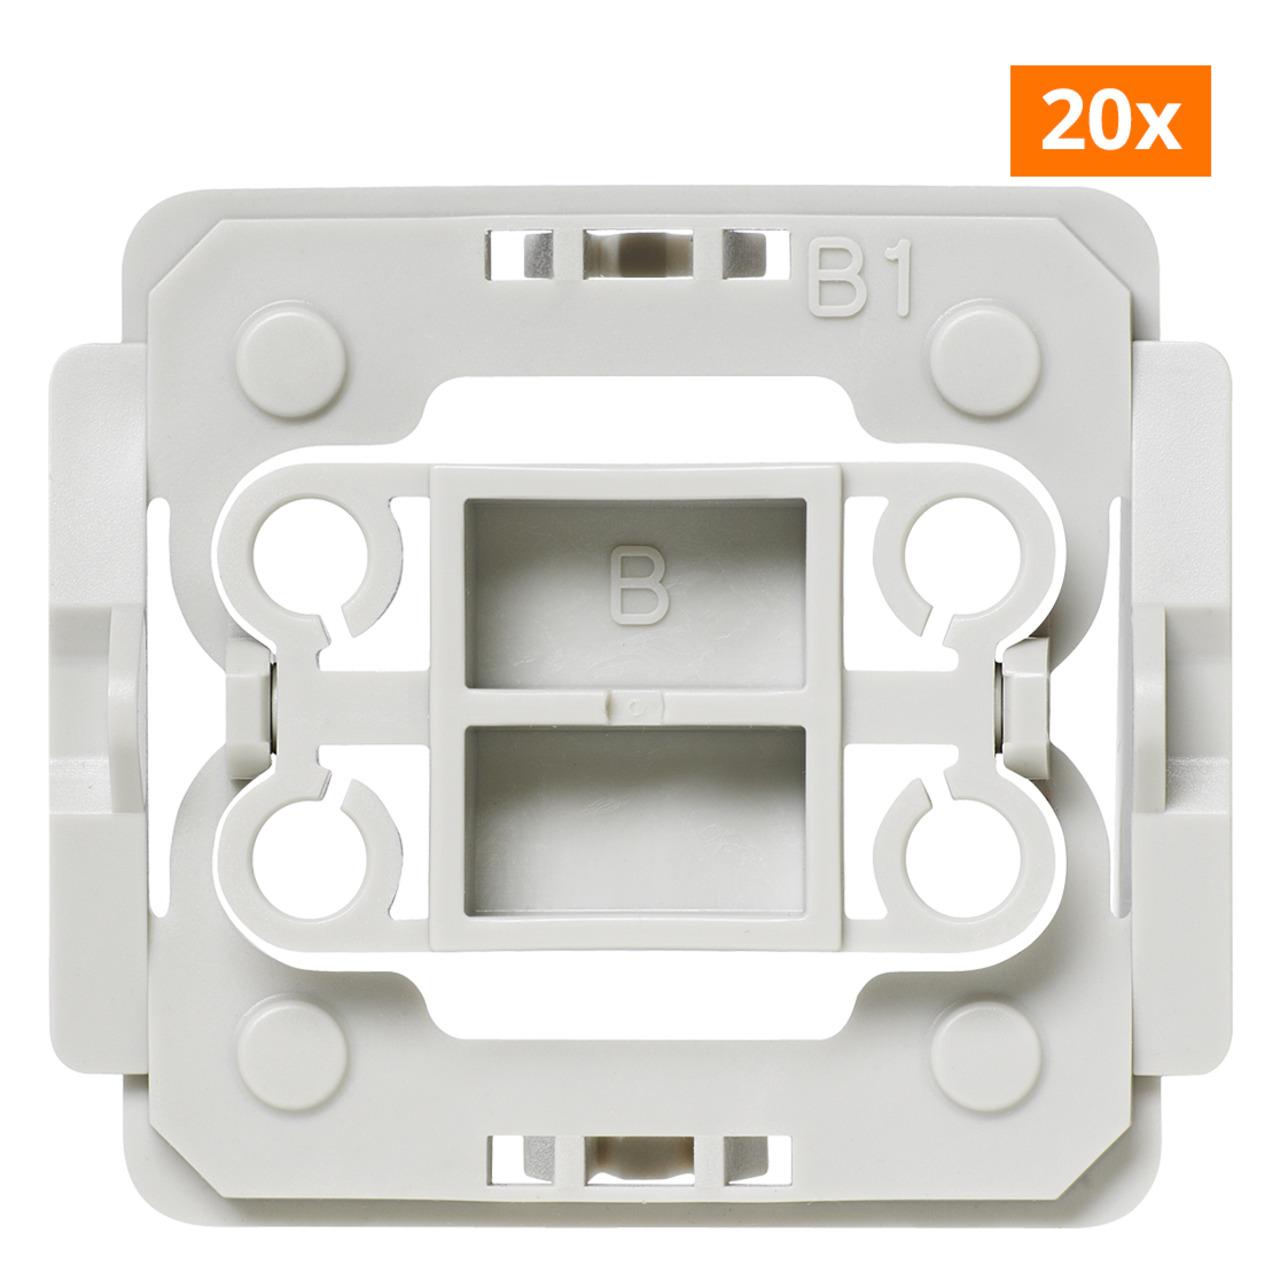 Installationsadapter für Berker-Schalter- B1- 20er-Set für Smart Home / Hausautomation